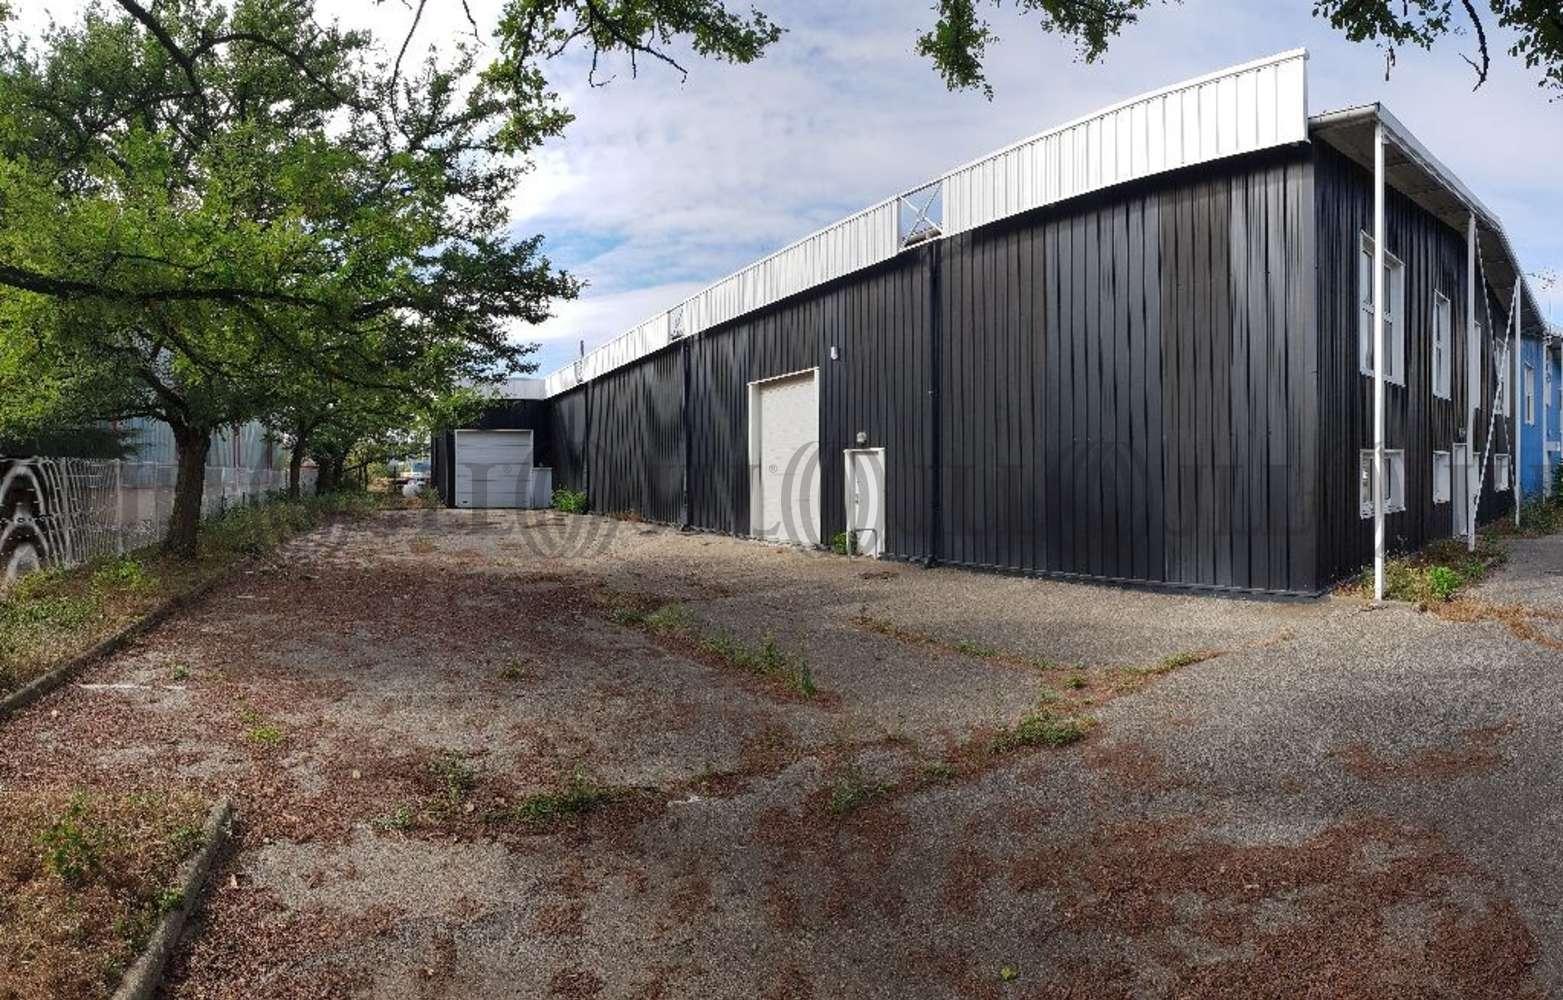 Activités/entrepôt Feyzin, 69320 - LOCATION ENTREPOT FEYZIN - LYON SUD (69) - 9773401